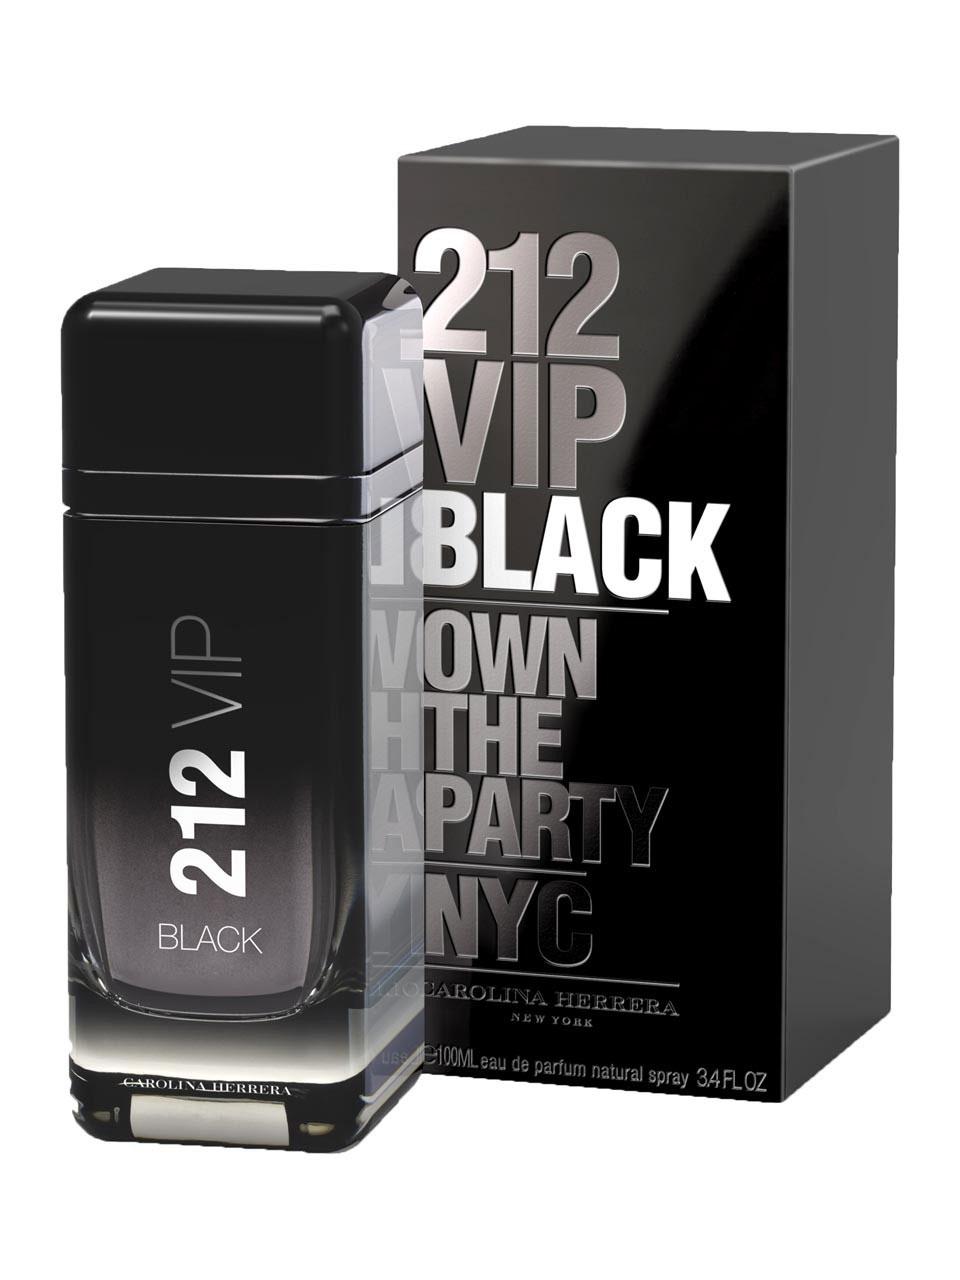 ادکلن black 212 vip